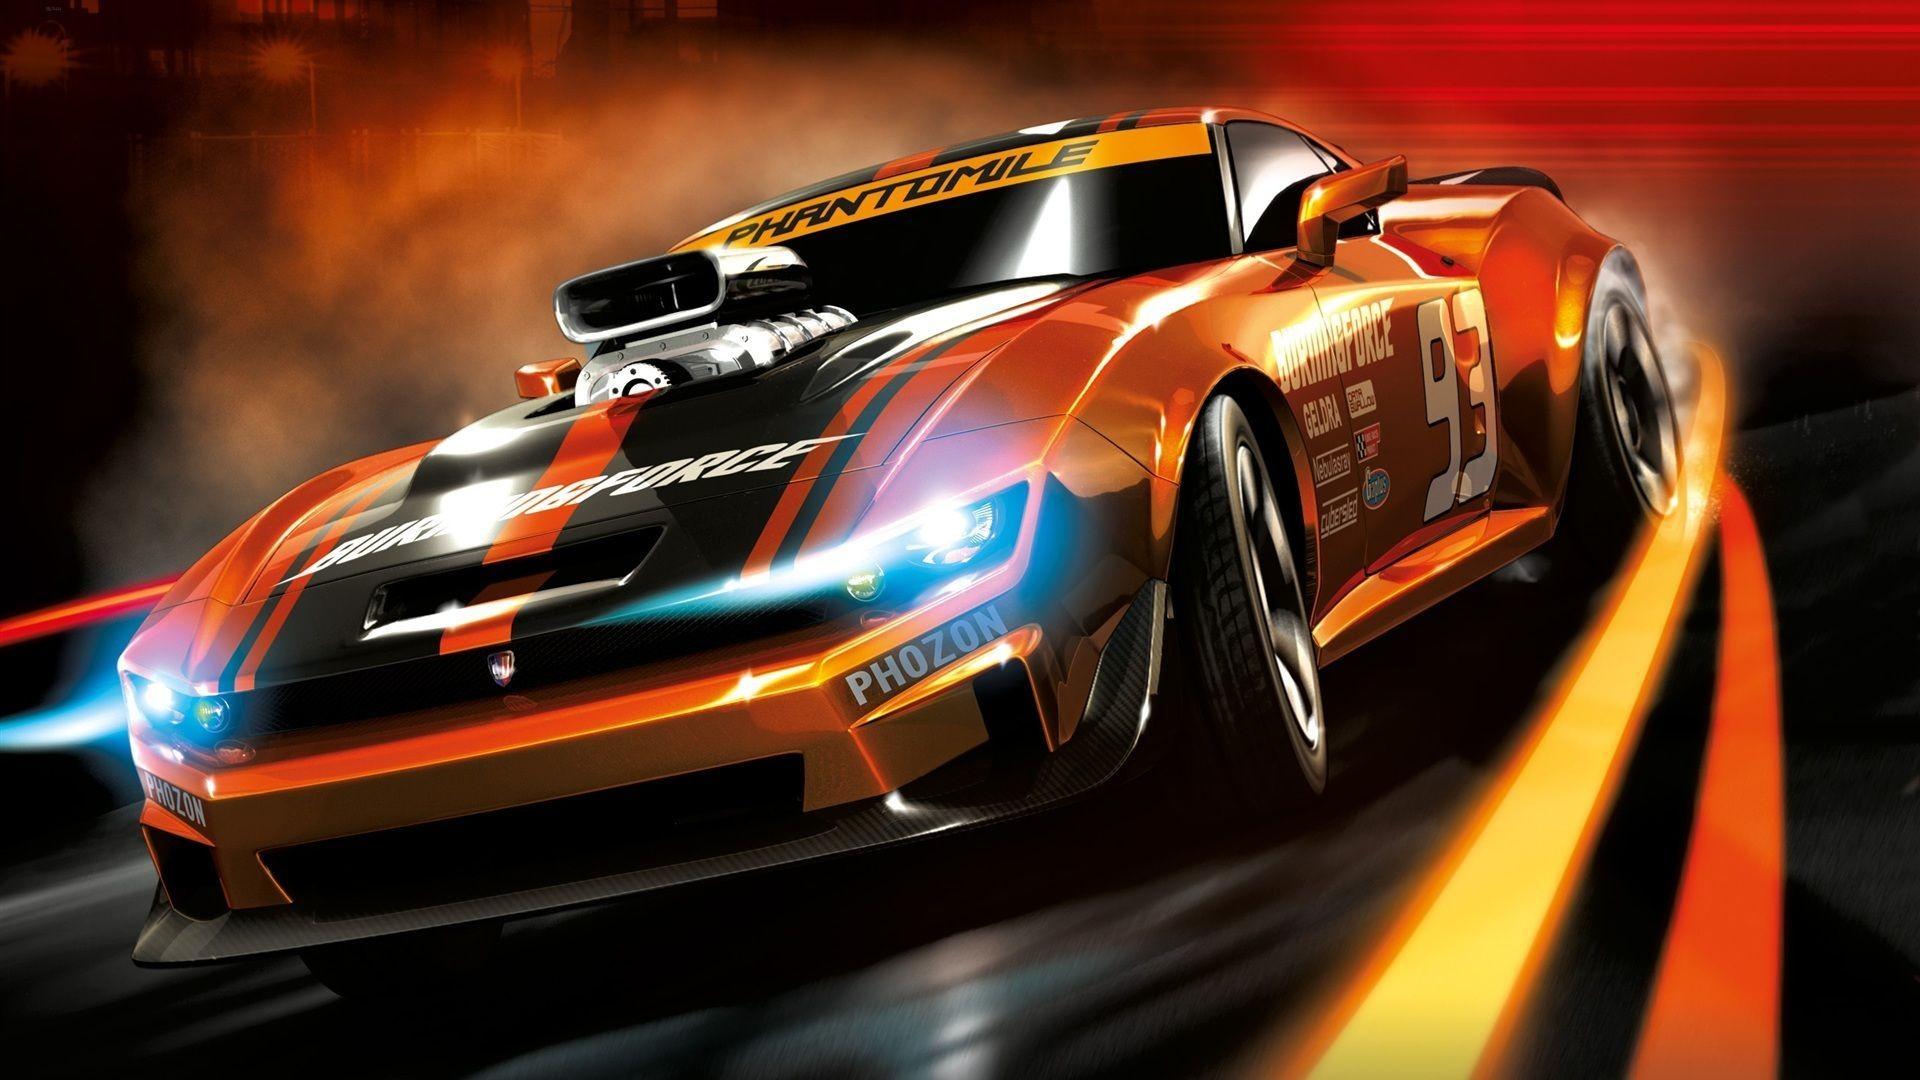 Car Racing Wallpaper